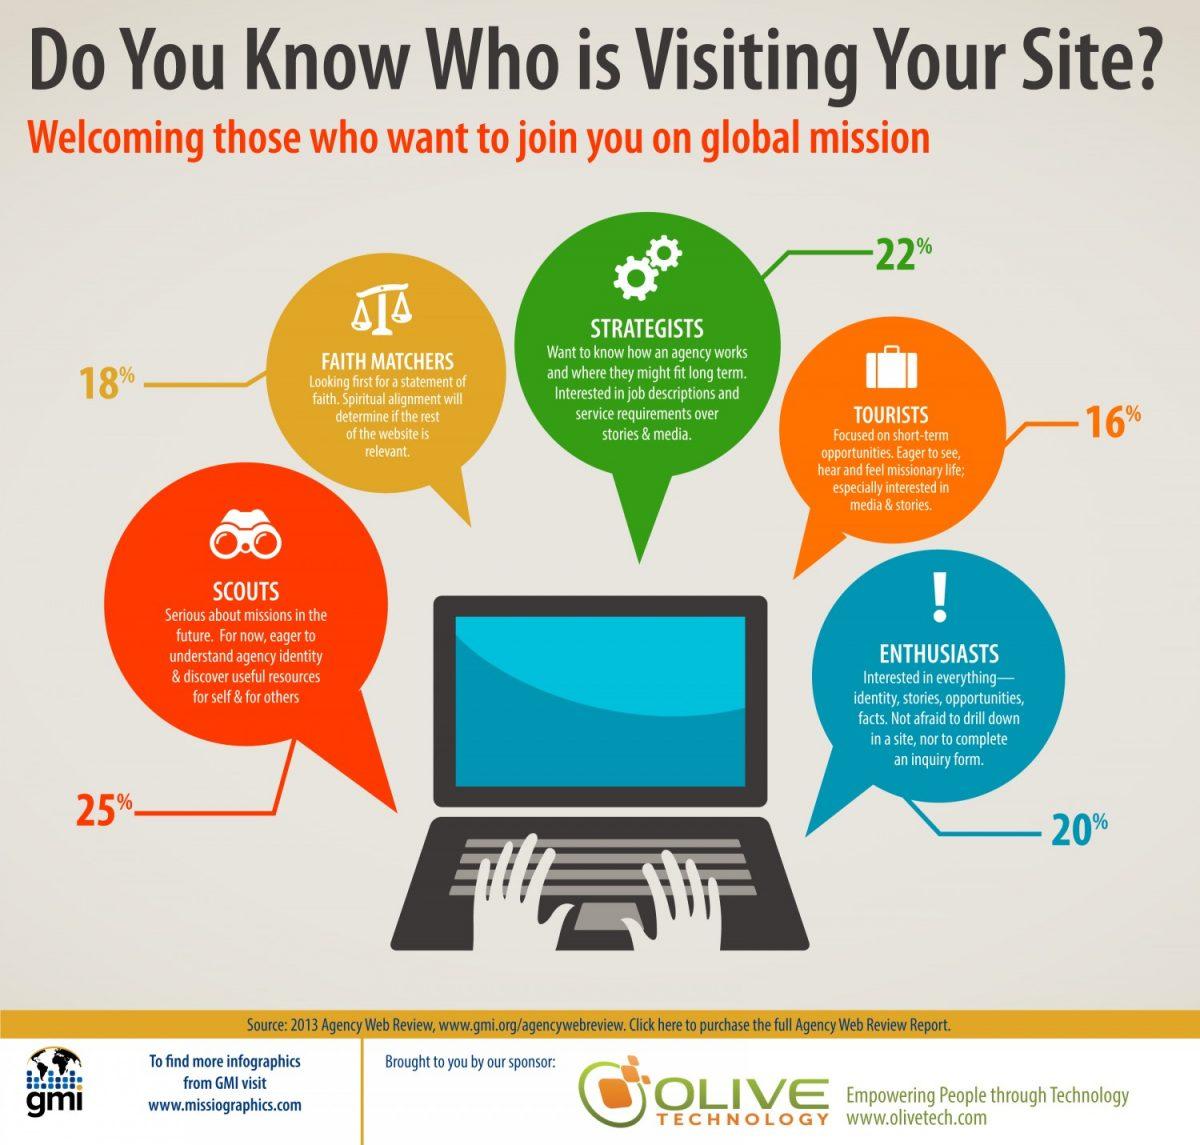 5 website kinh doanh cây cảnh mini có lượng tiếp cận khách hàng tốt nhất